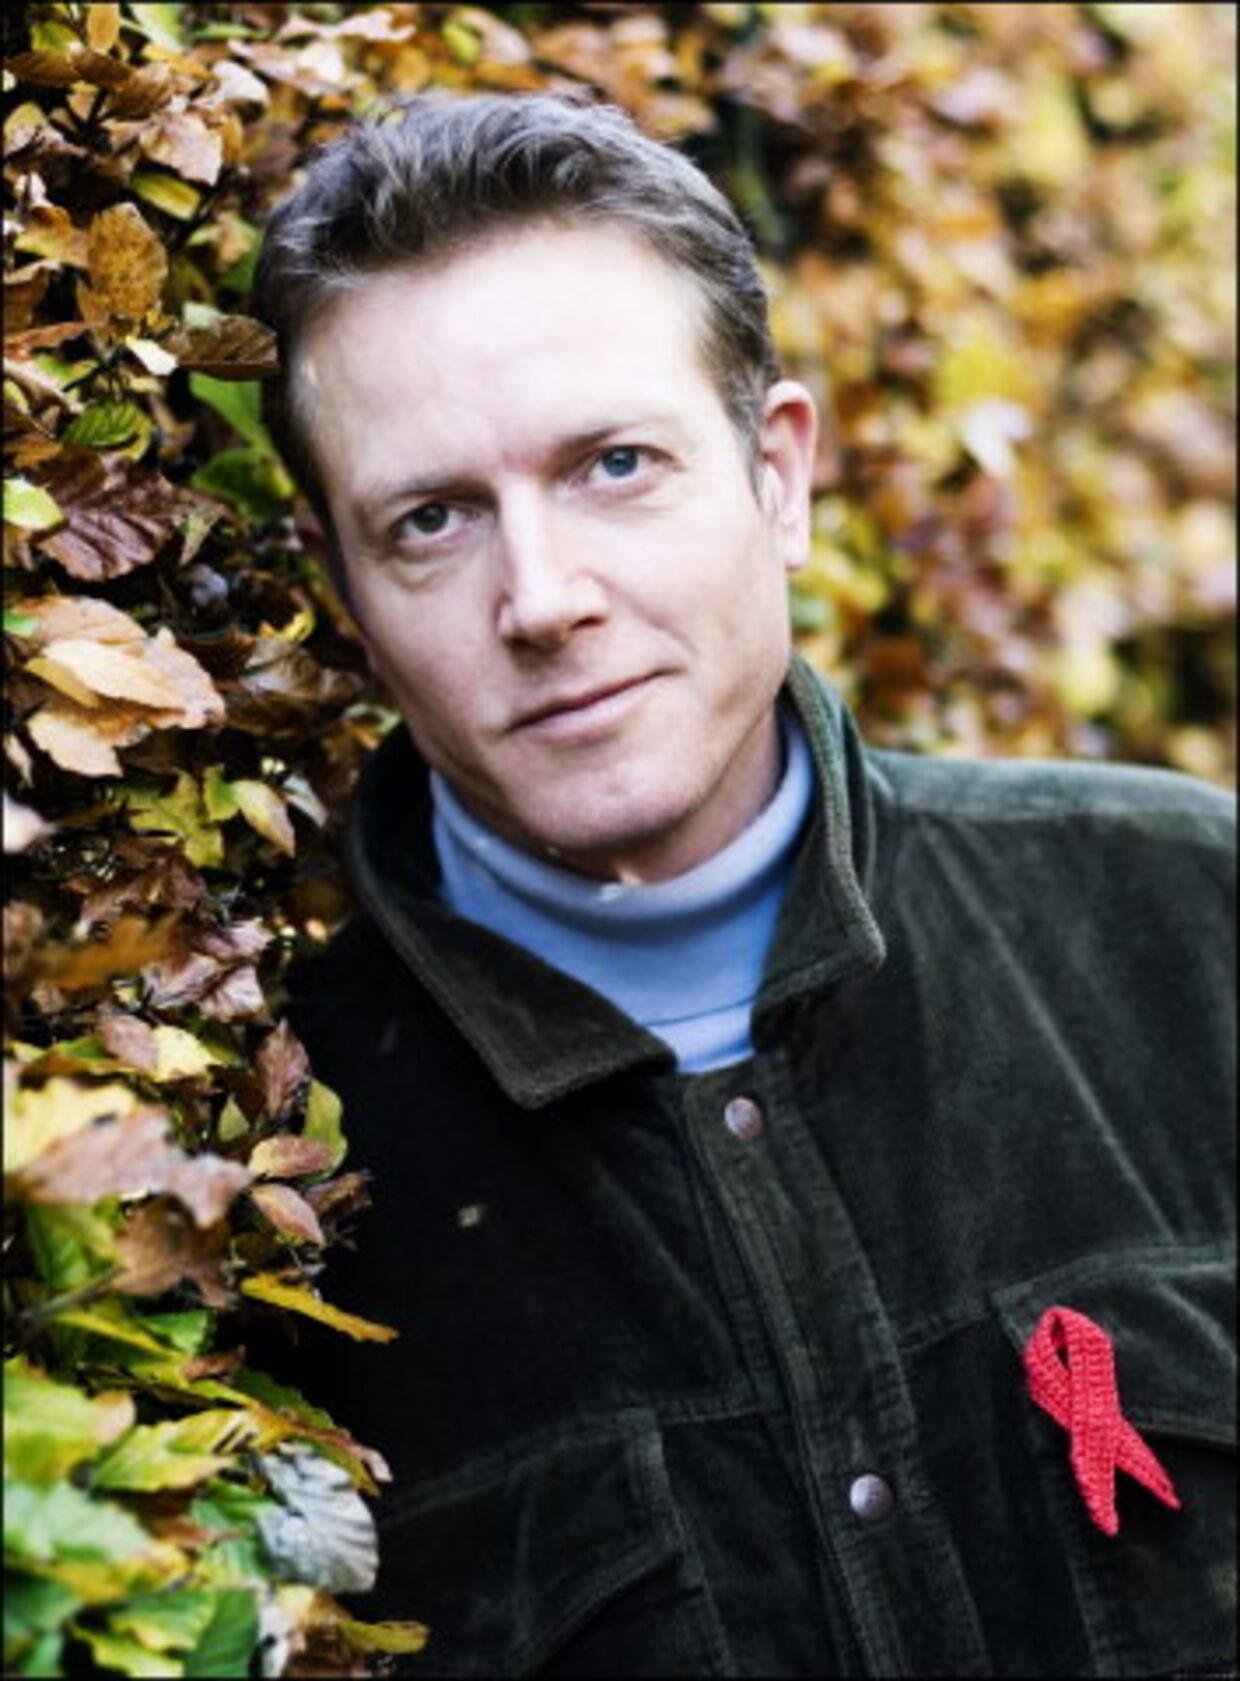 Peter Mygind er en drømmenes mand. Det har senest resulteret i en ny børneplade. Her ses han, med Aids-fondets sløjfe. Fotos: Simon Knudsen